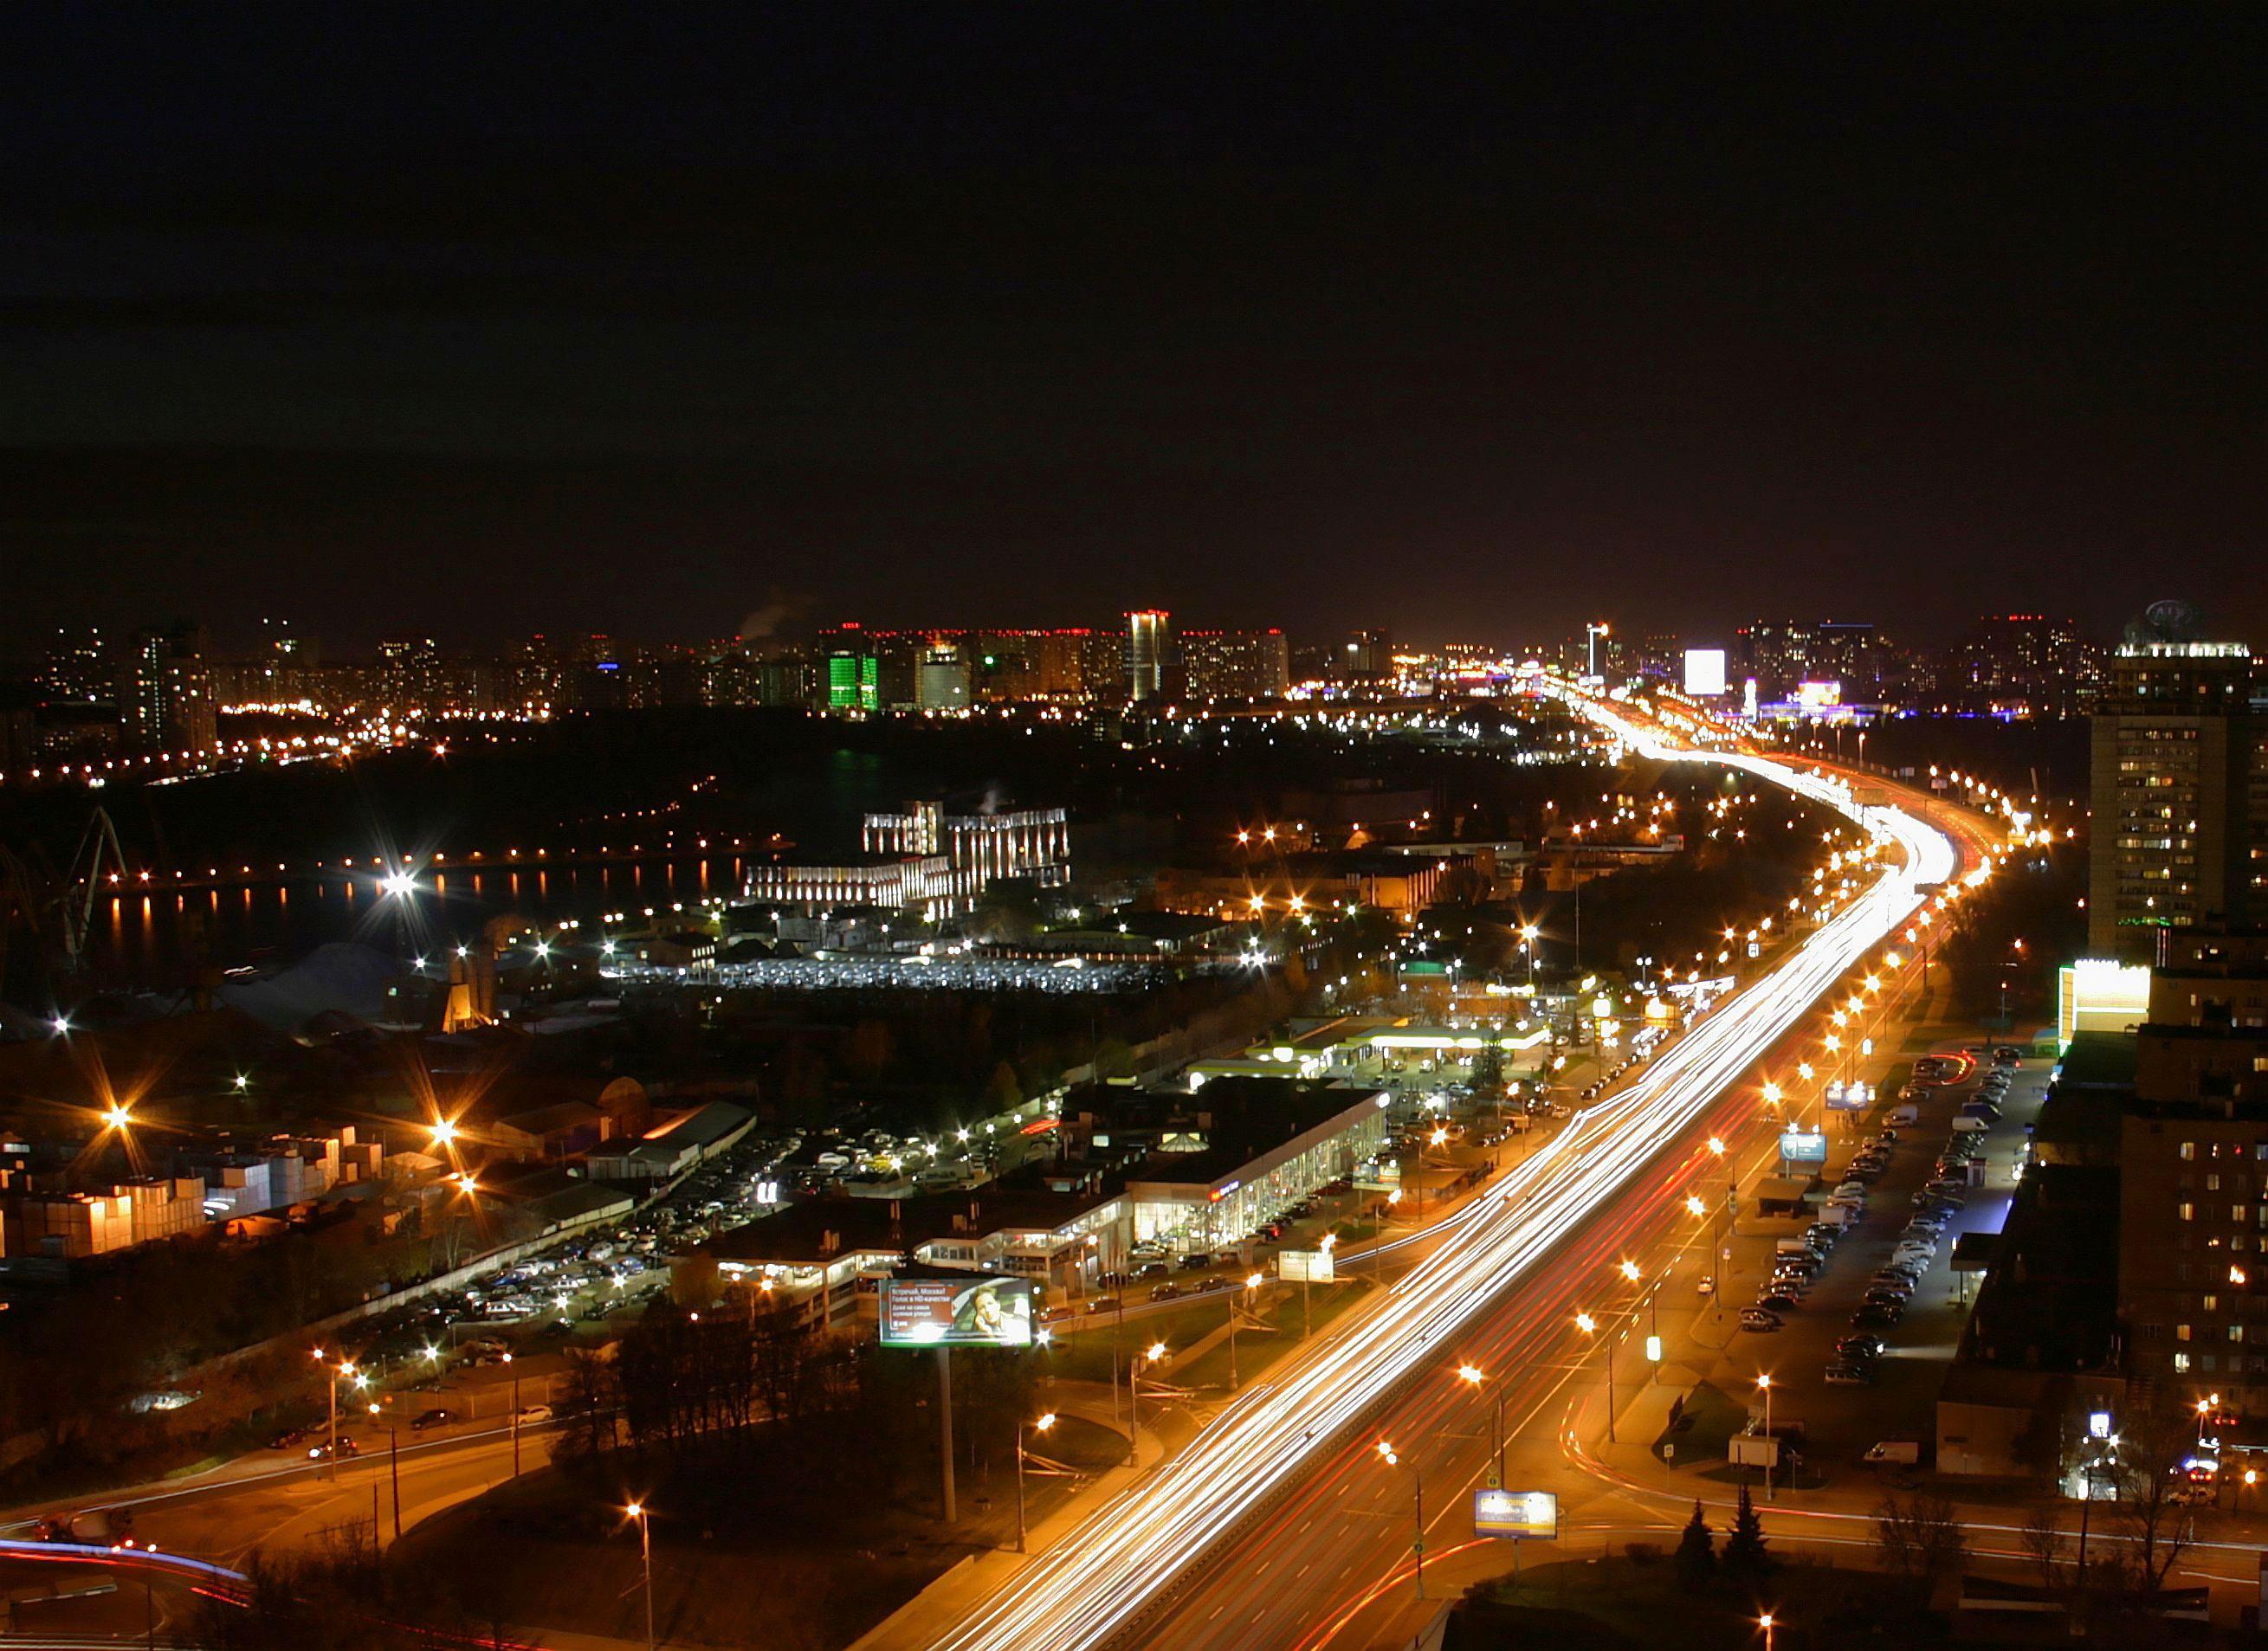 Ленинградское шоссе. Блиц: с высоты